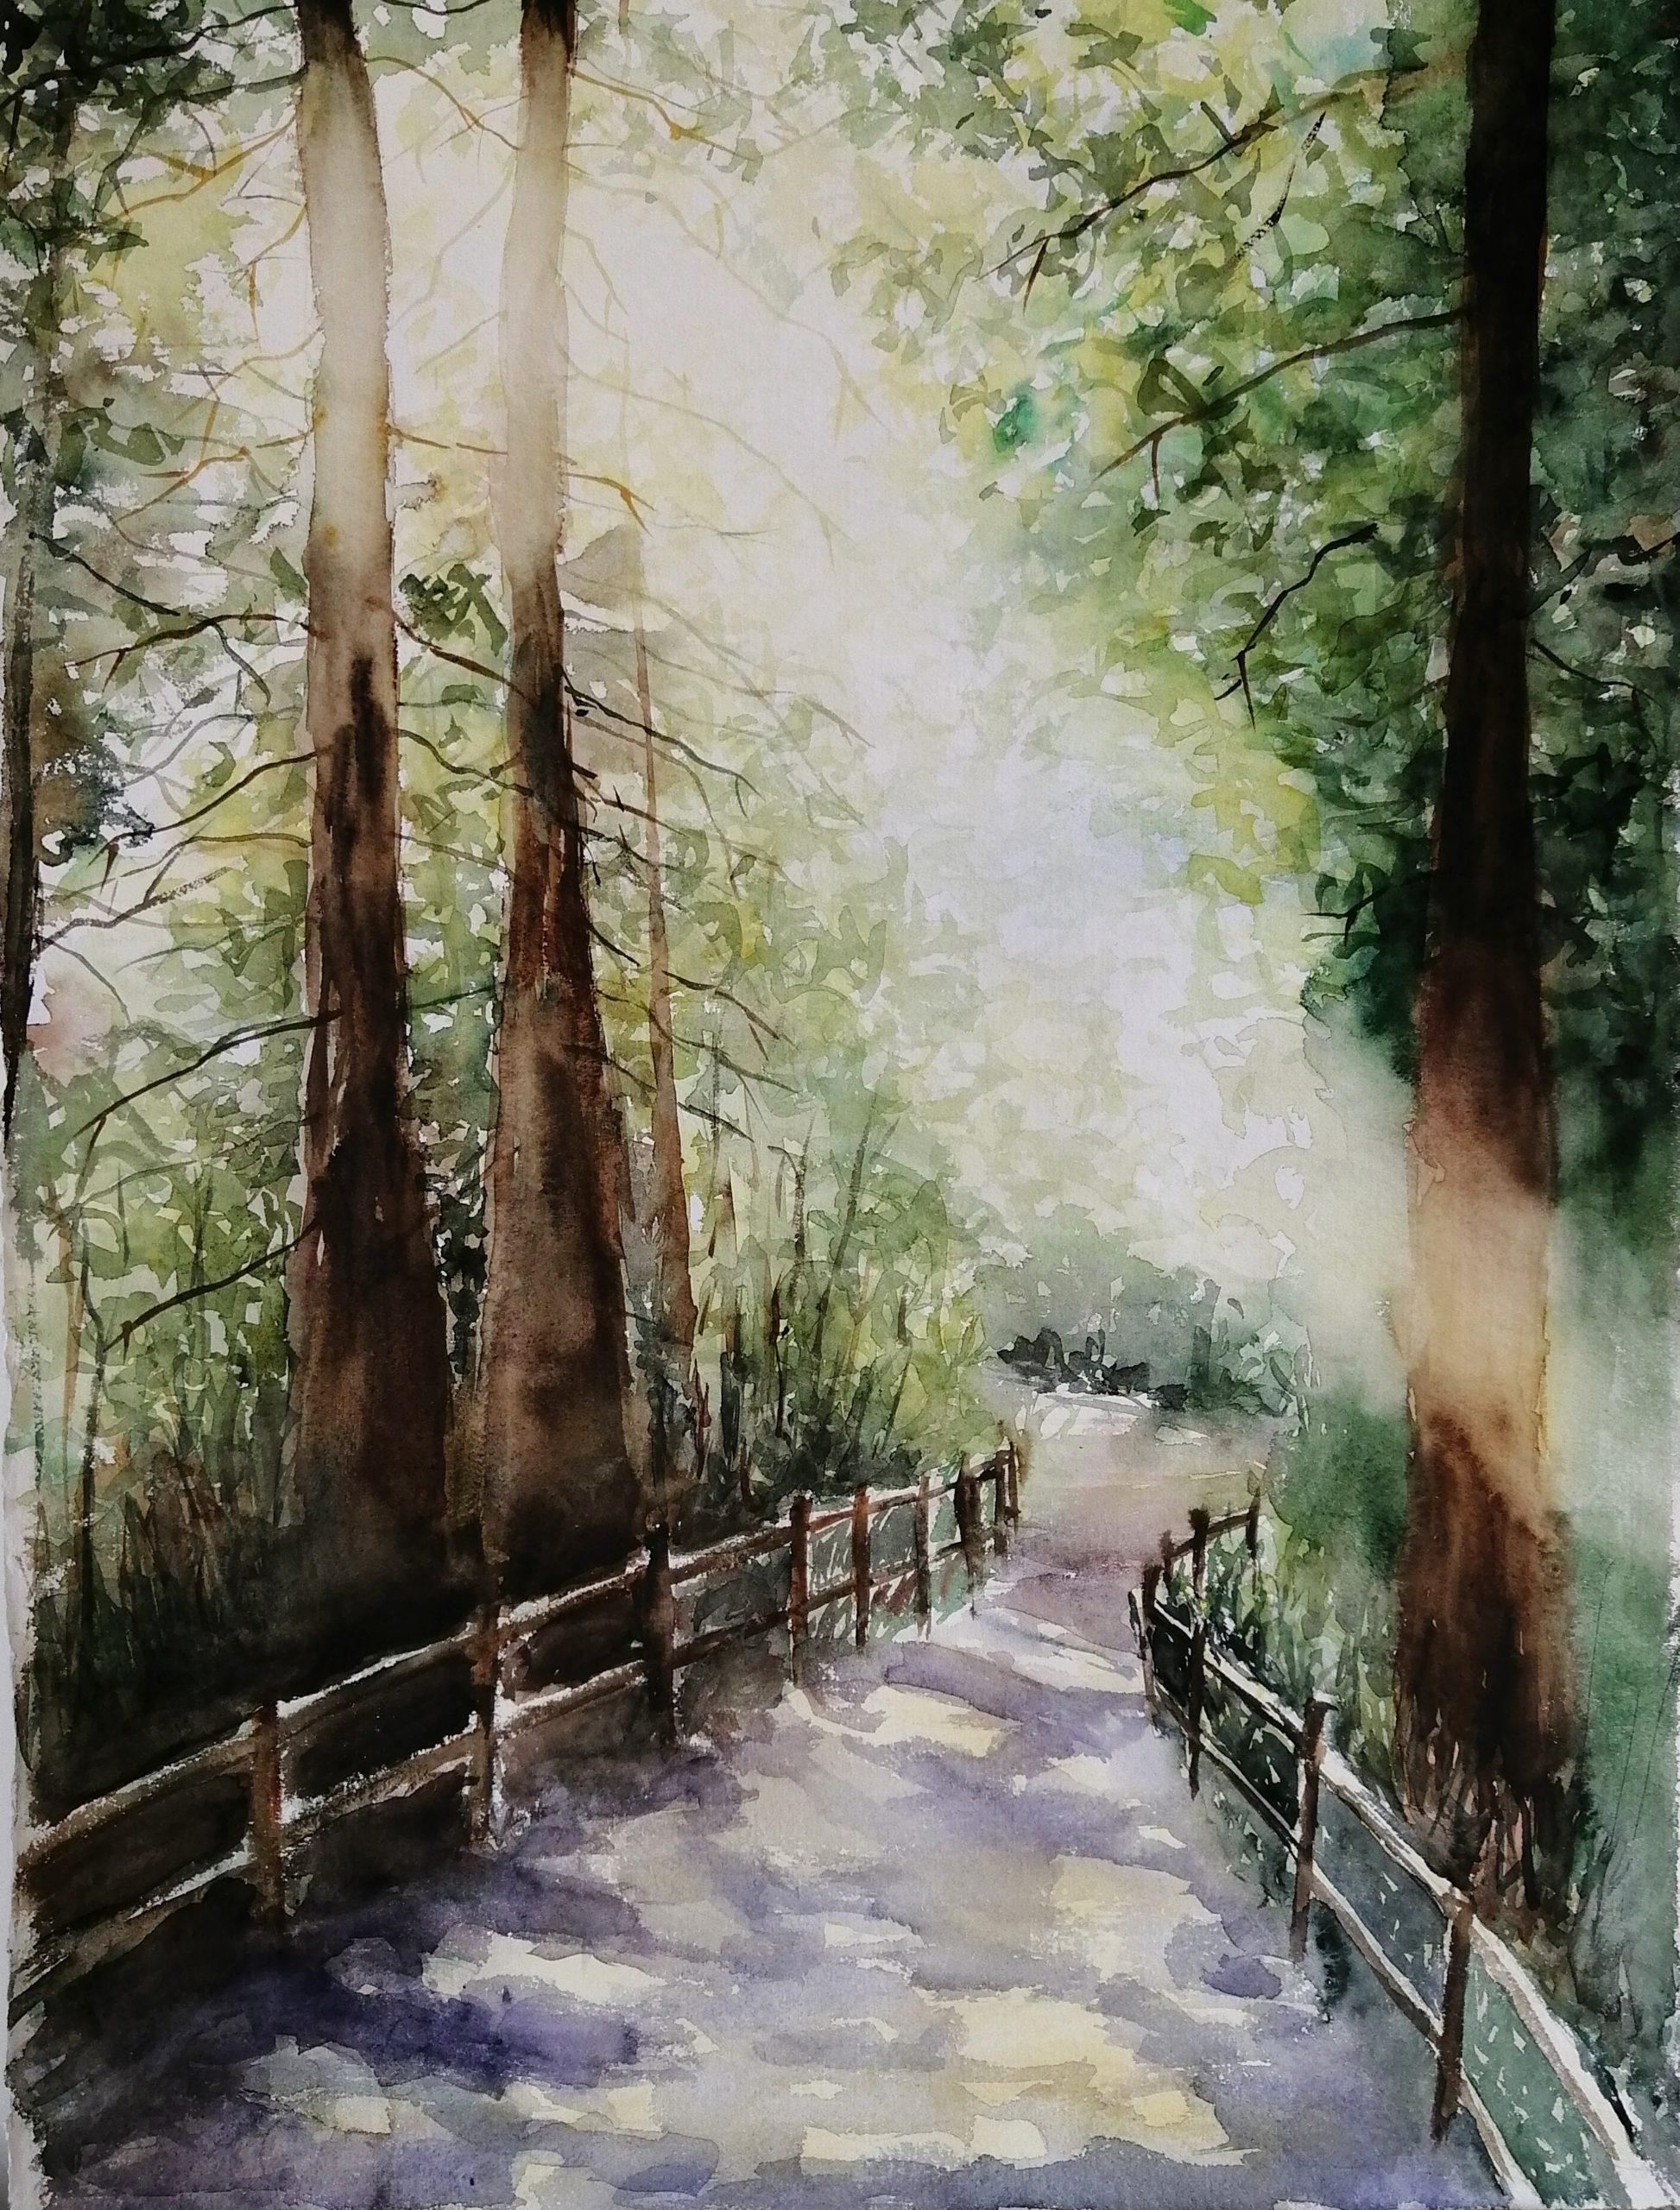 Watercolor forest landscape